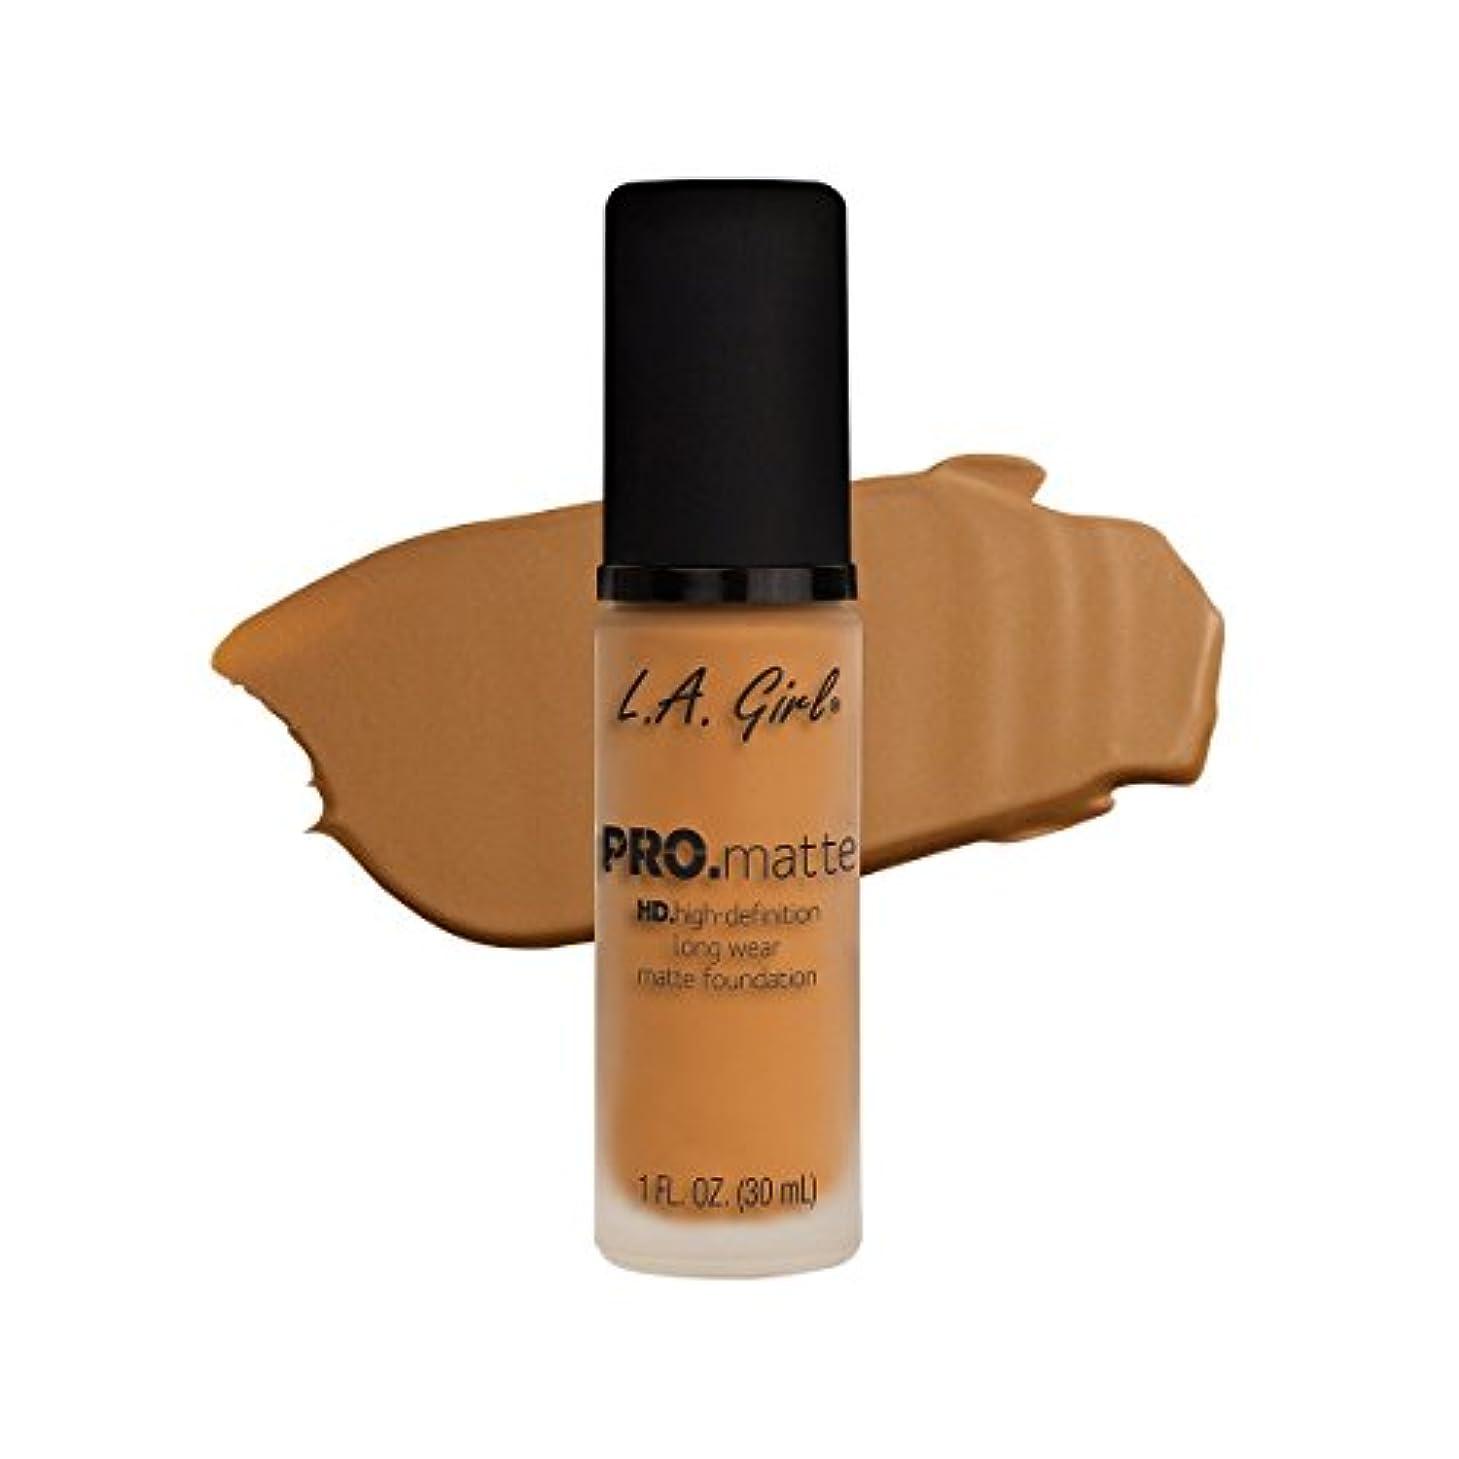 非武装化アクセスできない感動する(3 Pack) L.A. GIRL Pro Matte Foundation - Golden Bronze (並行輸入品)